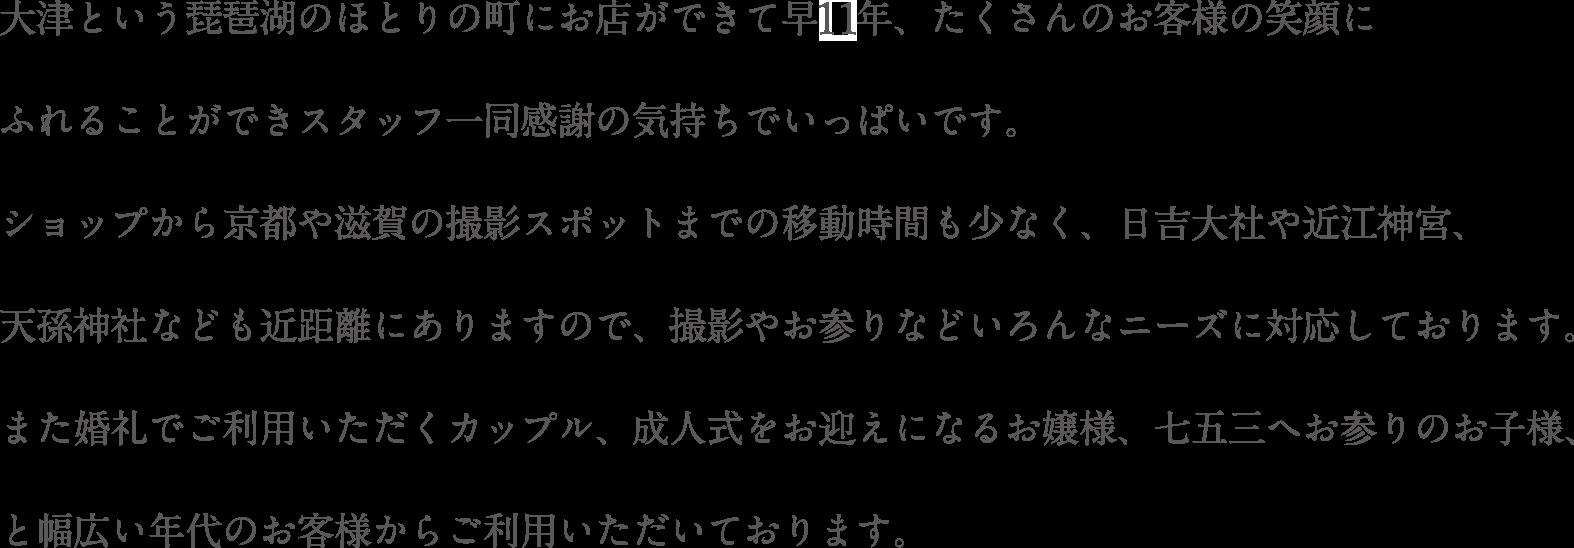 大津という琵琶湖のほとりの町にお店ができて早11年、たくさんのお客様の笑顔にふれることができスタッフ一同感謝の気持ちでいっぱいです。ショップから京都や滋賀の撮影スポットまでの移動時間も少なく、日吉大社や近江神宮、天孫神社なども近距離にありますので、撮影やお参りなどいろんなニーズに対応しております。また婚礼でご利用いただくカップル、成人式をお迎えになるお嬢様、七五三へお参りのお子様、と幅広い年代のお客様からご利用いただいております。